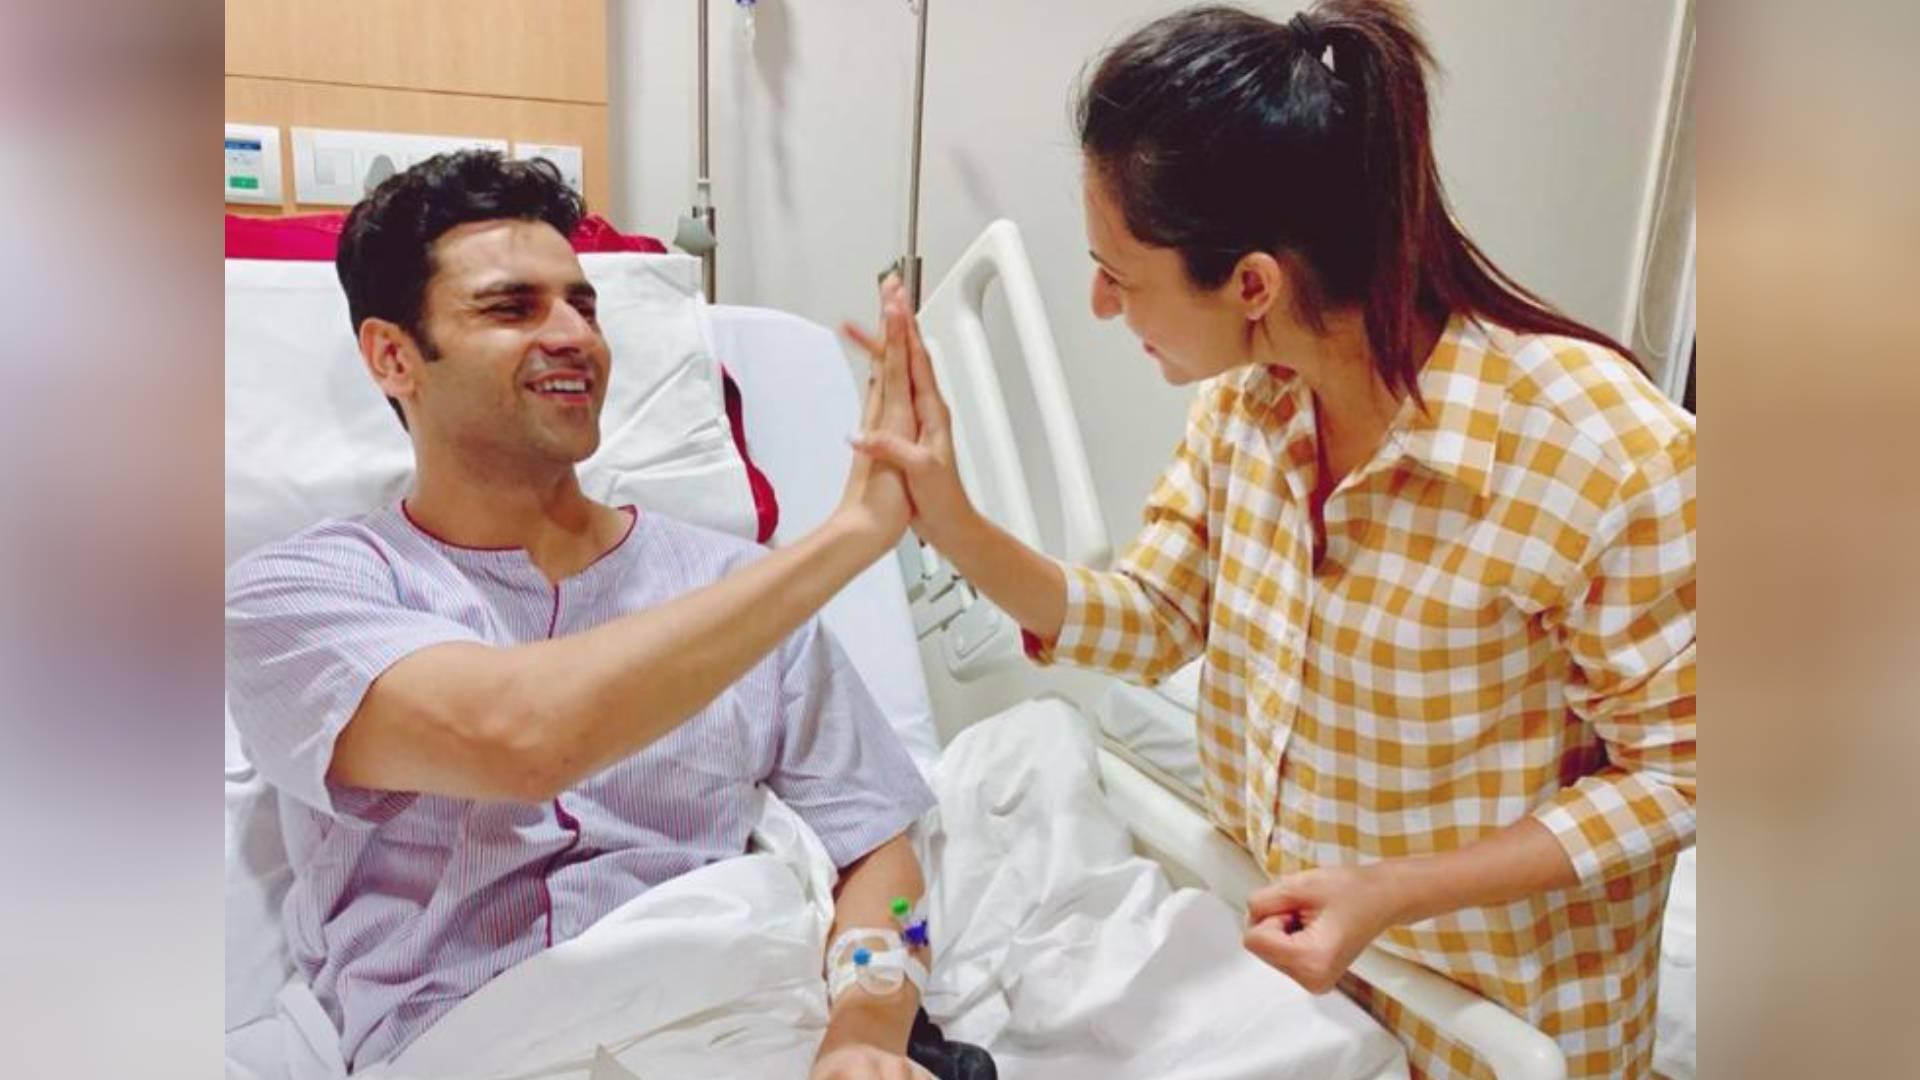 दिव्यांका त्रिपाठी-विवेक दहिया ने अस्पताल में मनाई अपनी मैरिज एनिवर्सरी, देखिए परिवार ने कैसे दिया सरप्राइज